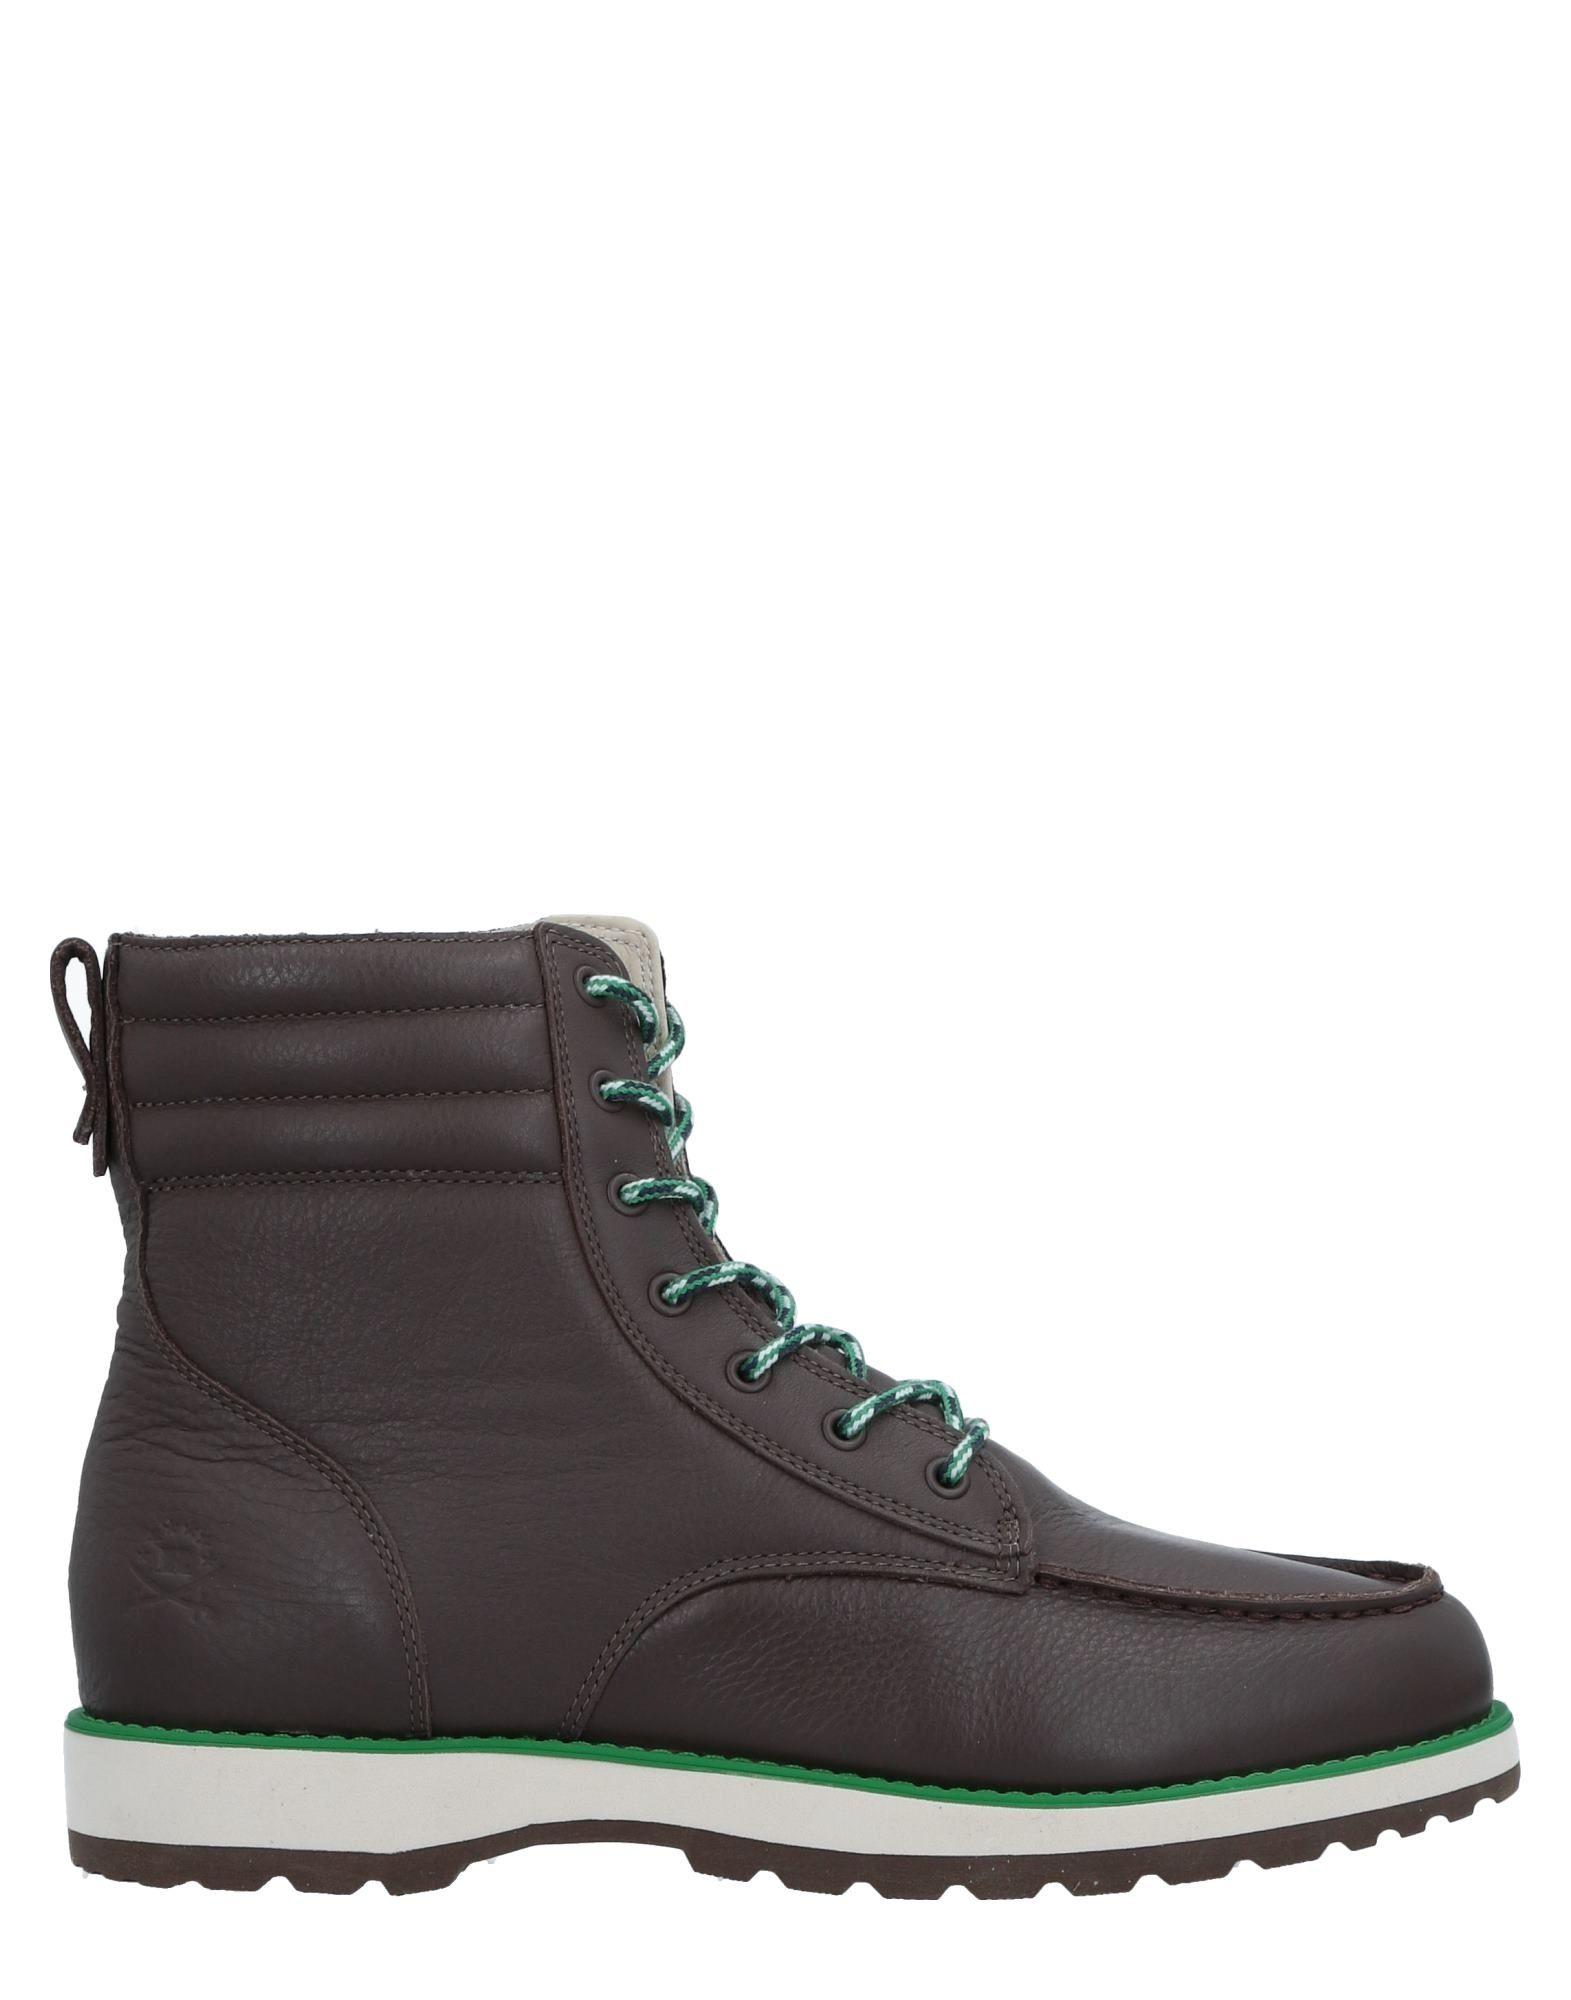 Rabatt echte Schuhe Adidas Originals Stiefelette Herren  11518806EQ